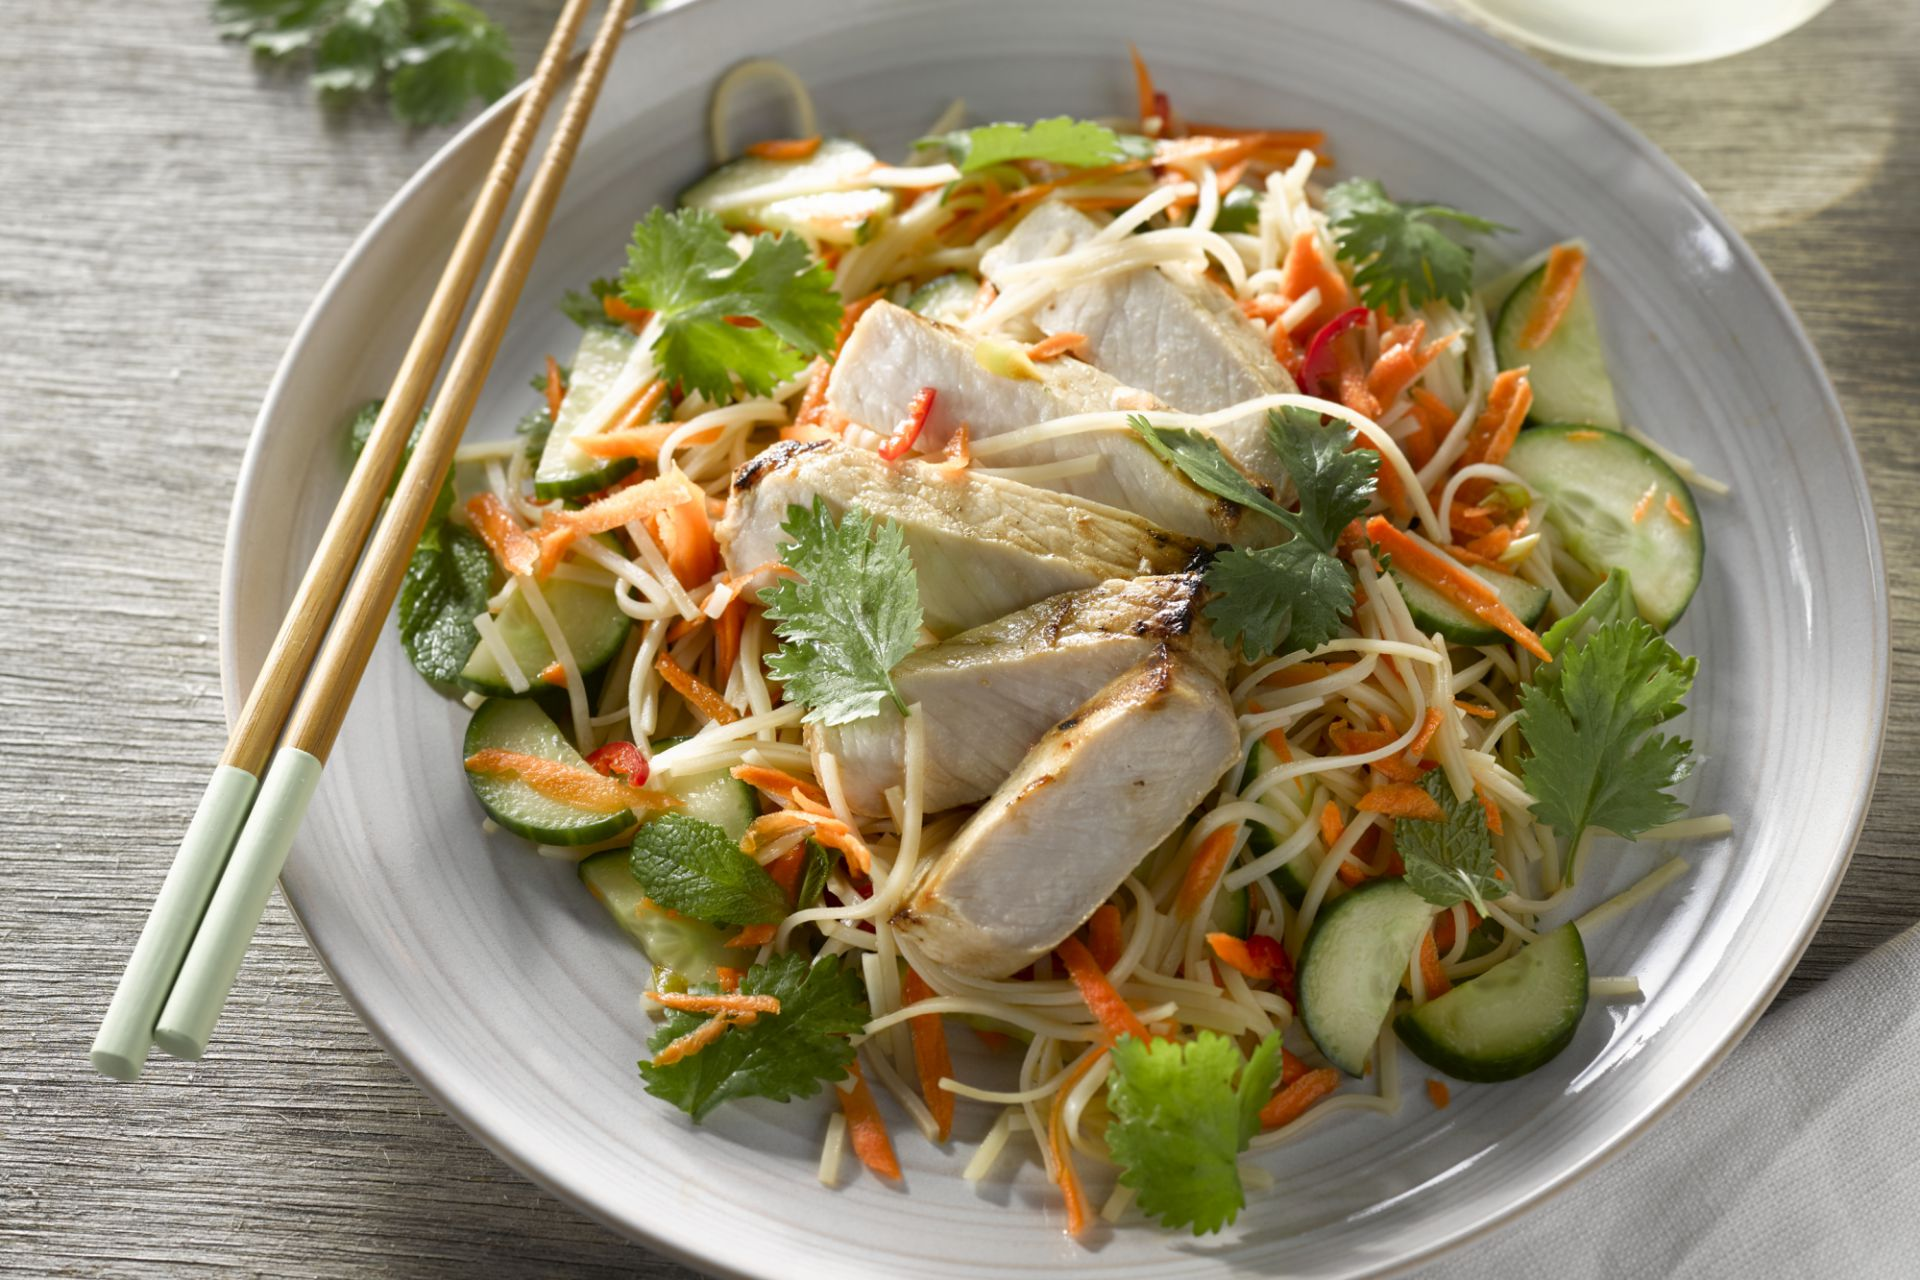 Vietnamese salade met varkensvlees en krokante groentjes